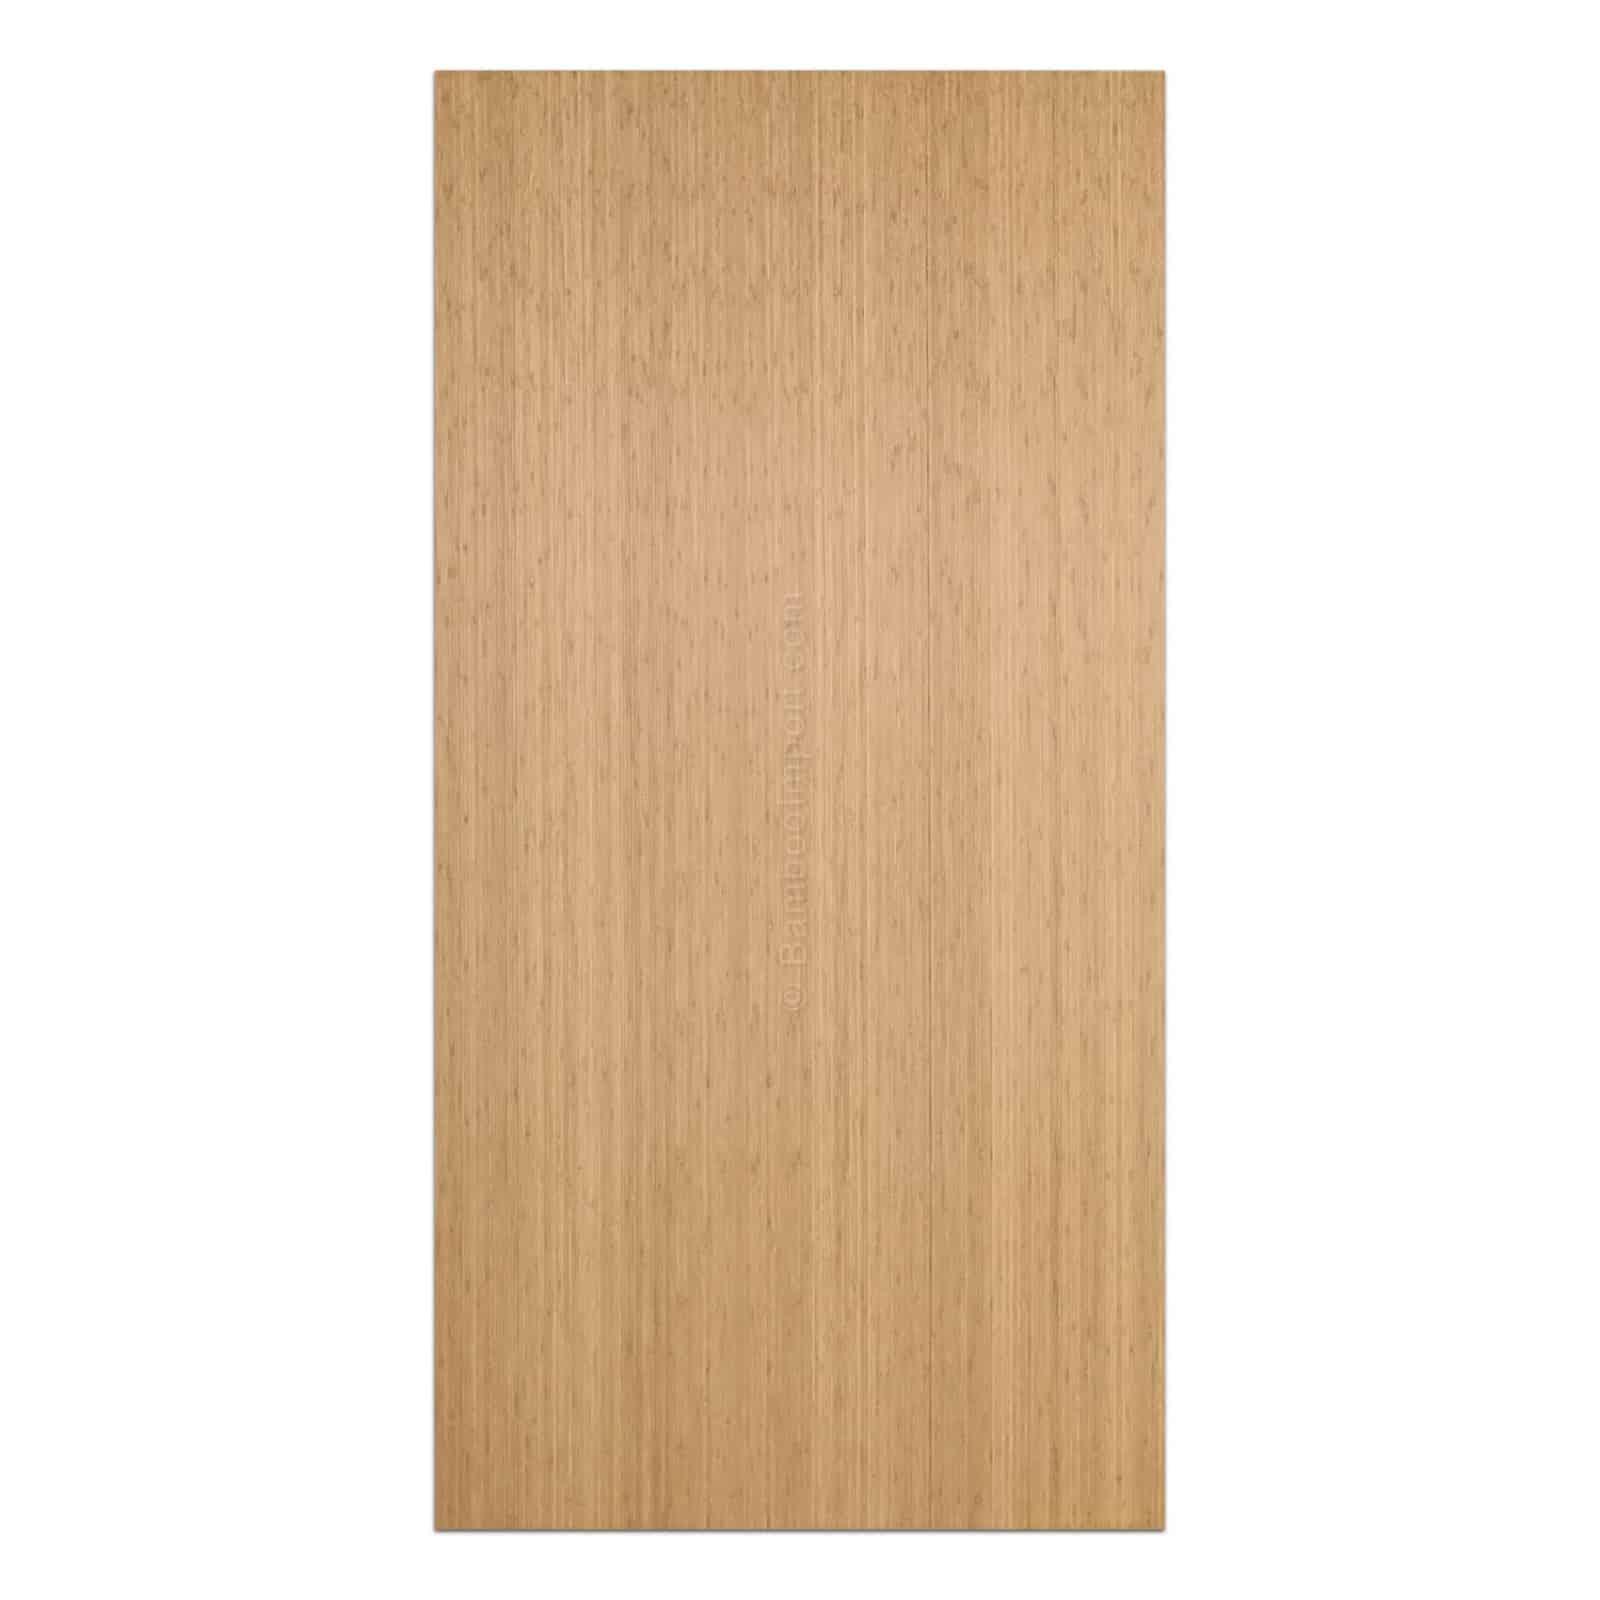 bamboe-plaat-caramel-5-laags-verticaal-geperst-2440-1220-40-mm